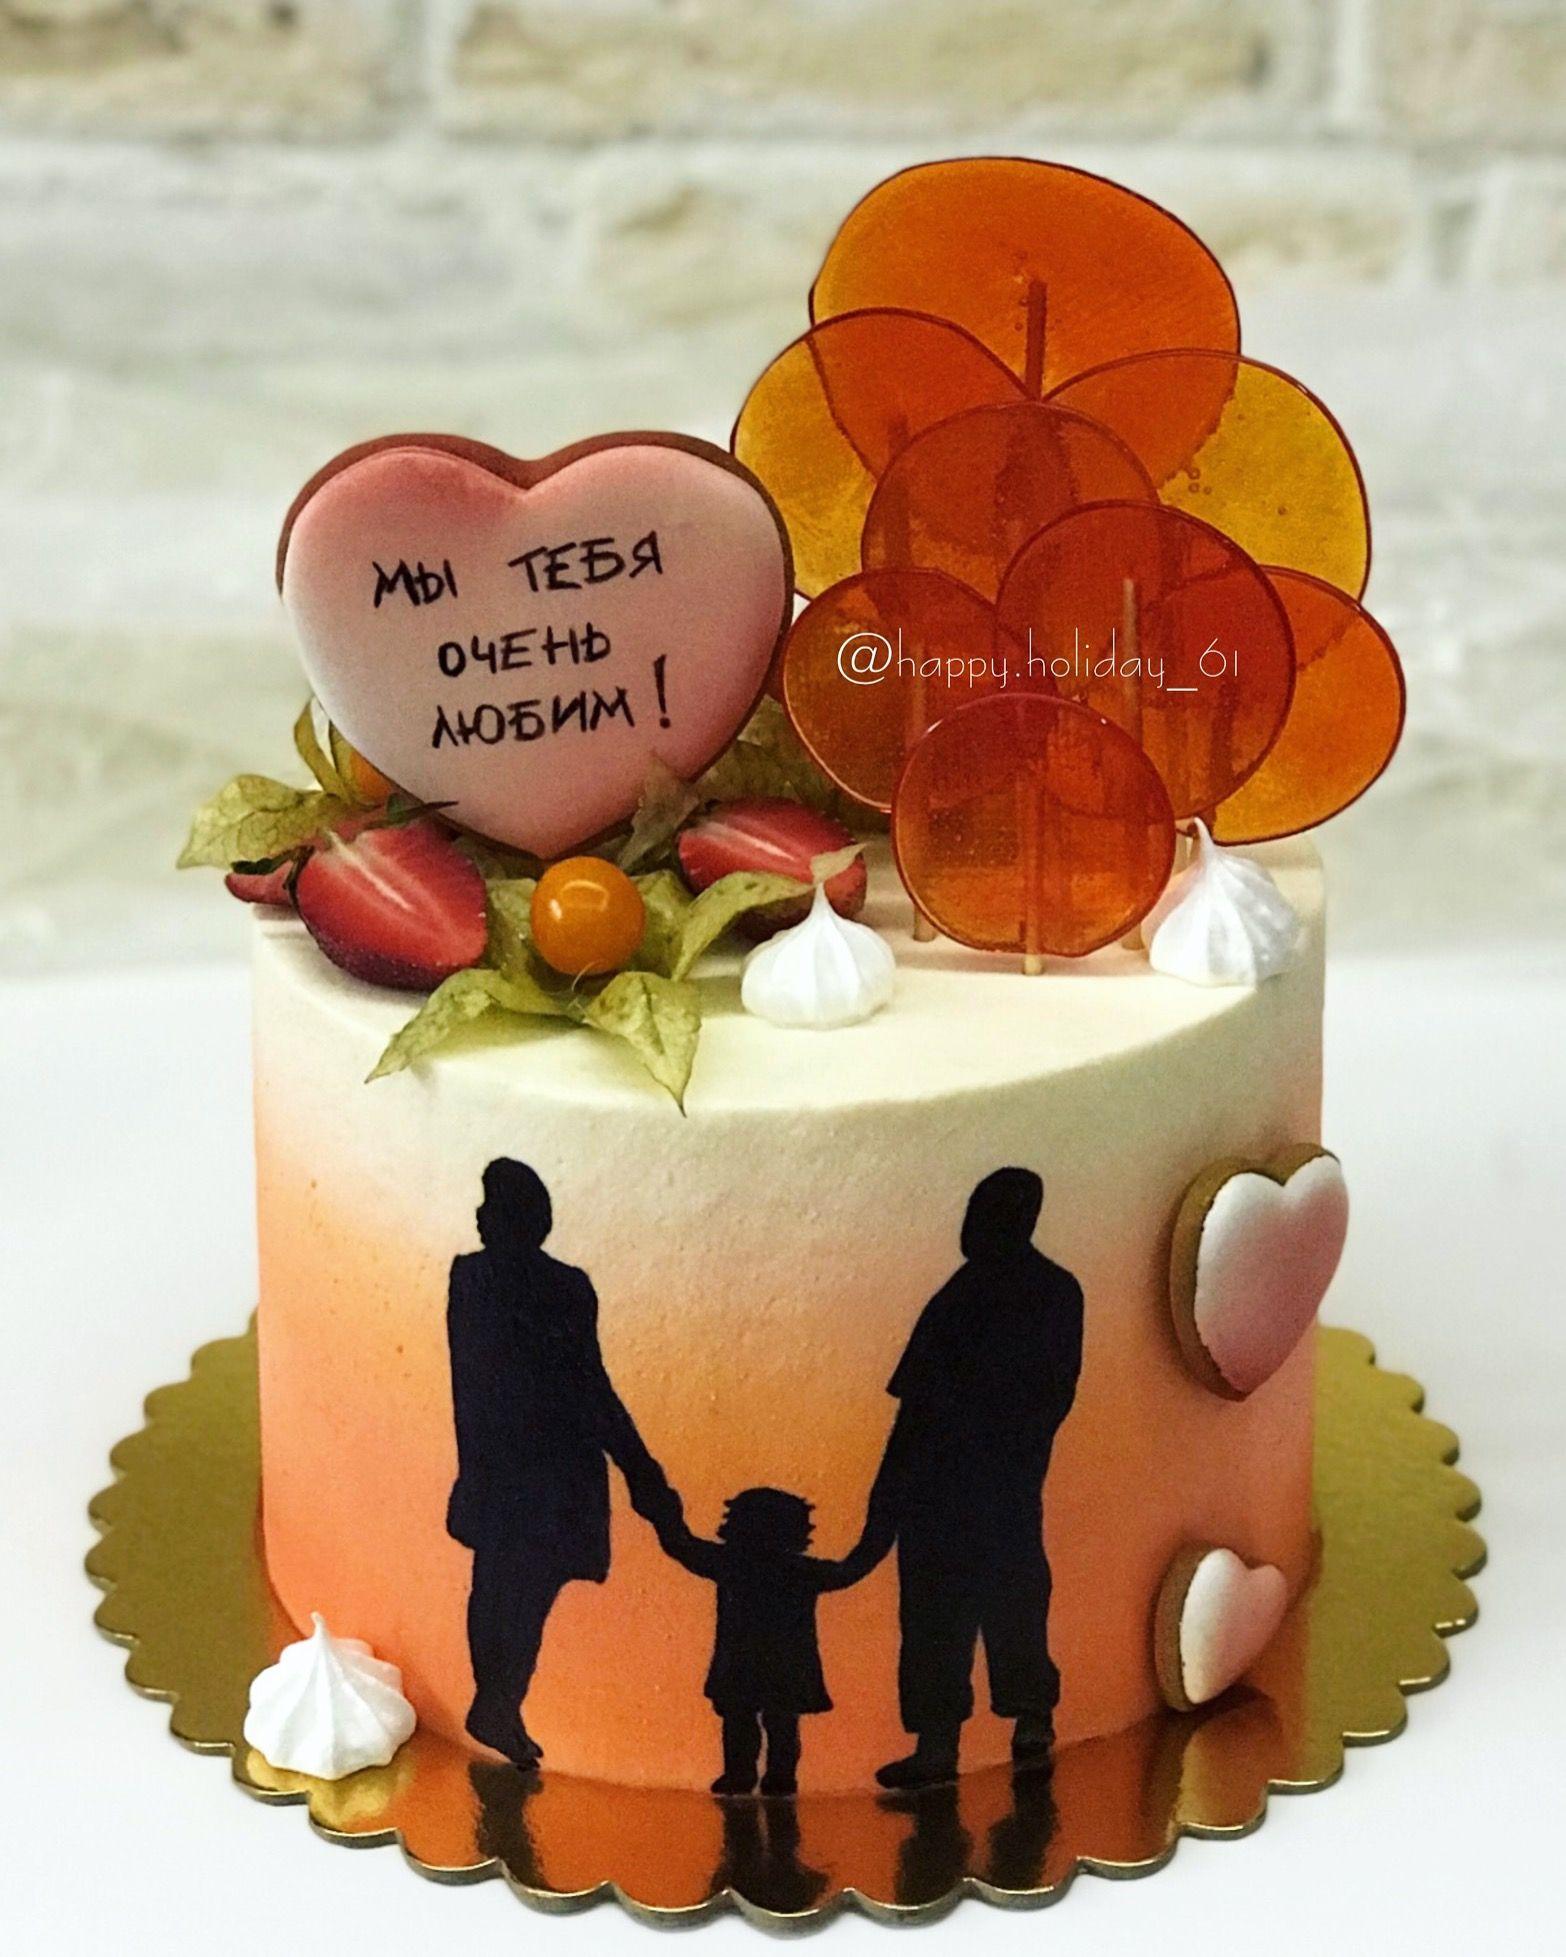 хой торт любимому мужу на день рождения картинки такого класса